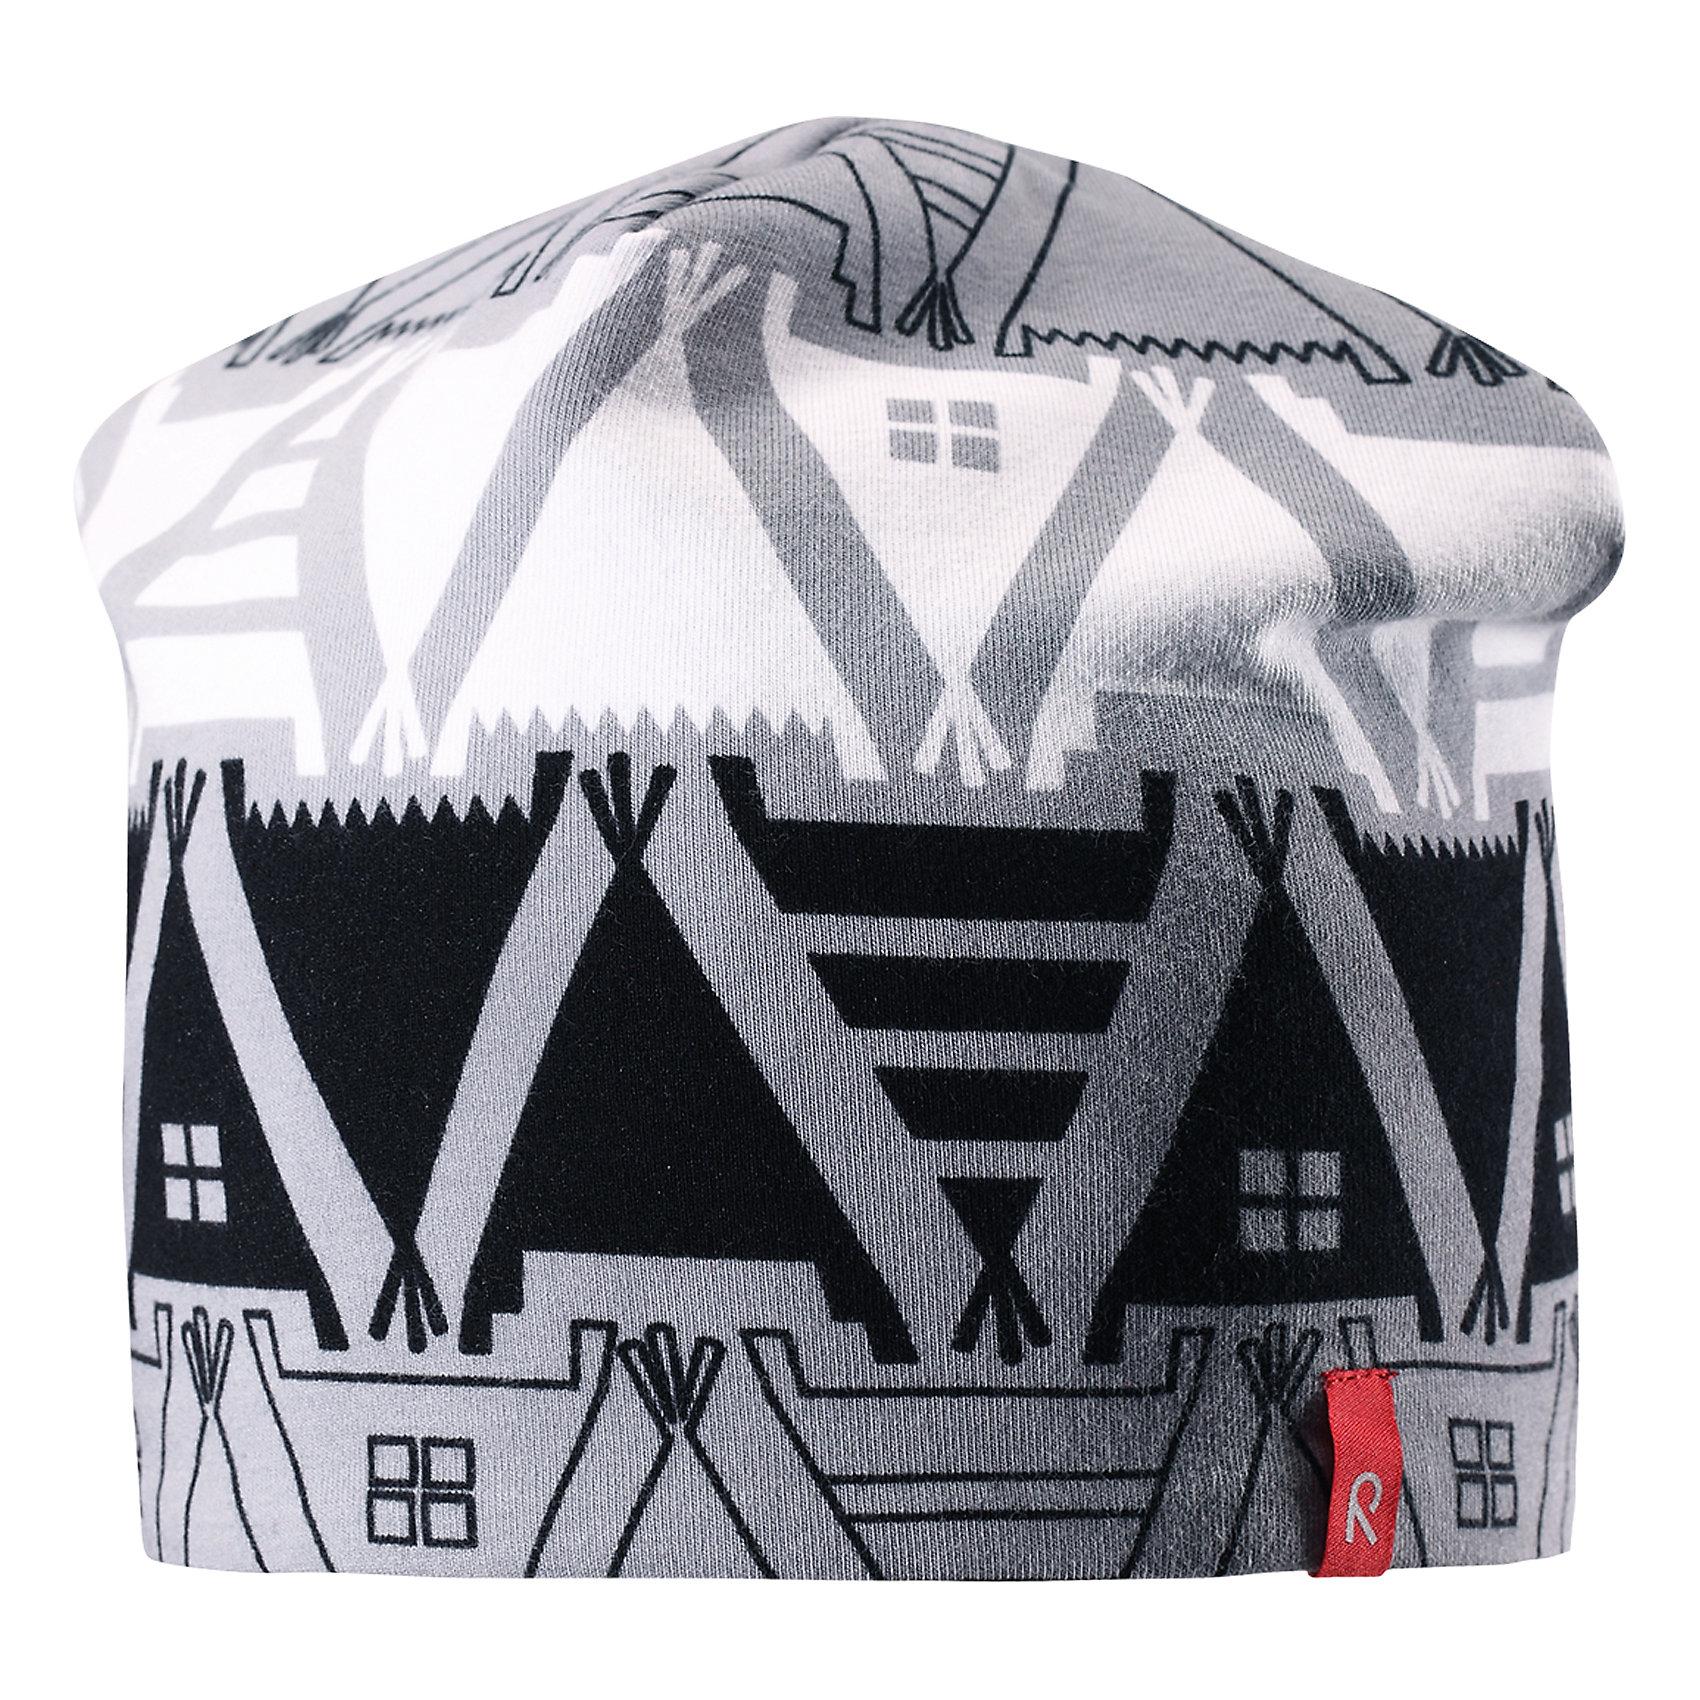 Шапка Reima HirviГоловные уборы<br>Характеристики товара:<br><br>• цвет: серый принт/серый;<br>• состав: 61% хлопок, 33% полиэстер, 6% эластан;<br>• сезон: демисезон;<br>• температурный режим: от +5 до +15С;<br>• двухсторонняя шапка;<br>• быстросохнущий материал Play jersey, приятный на ощупь;<br>• выводит влагу наружу;<br>• мягкий хлопчатобумажный материал;<br>• фактор защиты от ультрафиолета 40+;<br>• сплошная подкладка: материал Play jersey;<br>• логотип Reima® сбоку;<br>• страна бренда: Финляндия;<br>• страна изготовитель: Китай.<br><br>Легкая двусторонняя шапка для малышей и детей постарше свежей расцветки с УФ-защитой 40+. Шапка изготовлена из дышащего и быстросохнущего материла Play Jersey®, эффективно выводящего влагу с кожи. Озорная двухсторонняя шапка меняет цвет в одно мгновение.<br><br>Шапку Hirvi Reima от финского бренда Reima (Рейма) можно купить в нашем интернет-магазине.<br><br>Ширина мм: 89<br>Глубина мм: 117<br>Высота мм: 44<br>Вес г: 155<br>Цвет: черный<br>Возраст от месяцев: 72<br>Возраст до месяцев: 84<br>Пол: Унисекс<br>Возраст: Детский<br>Размер: 50-52,54-56<br>SKU: 6902492